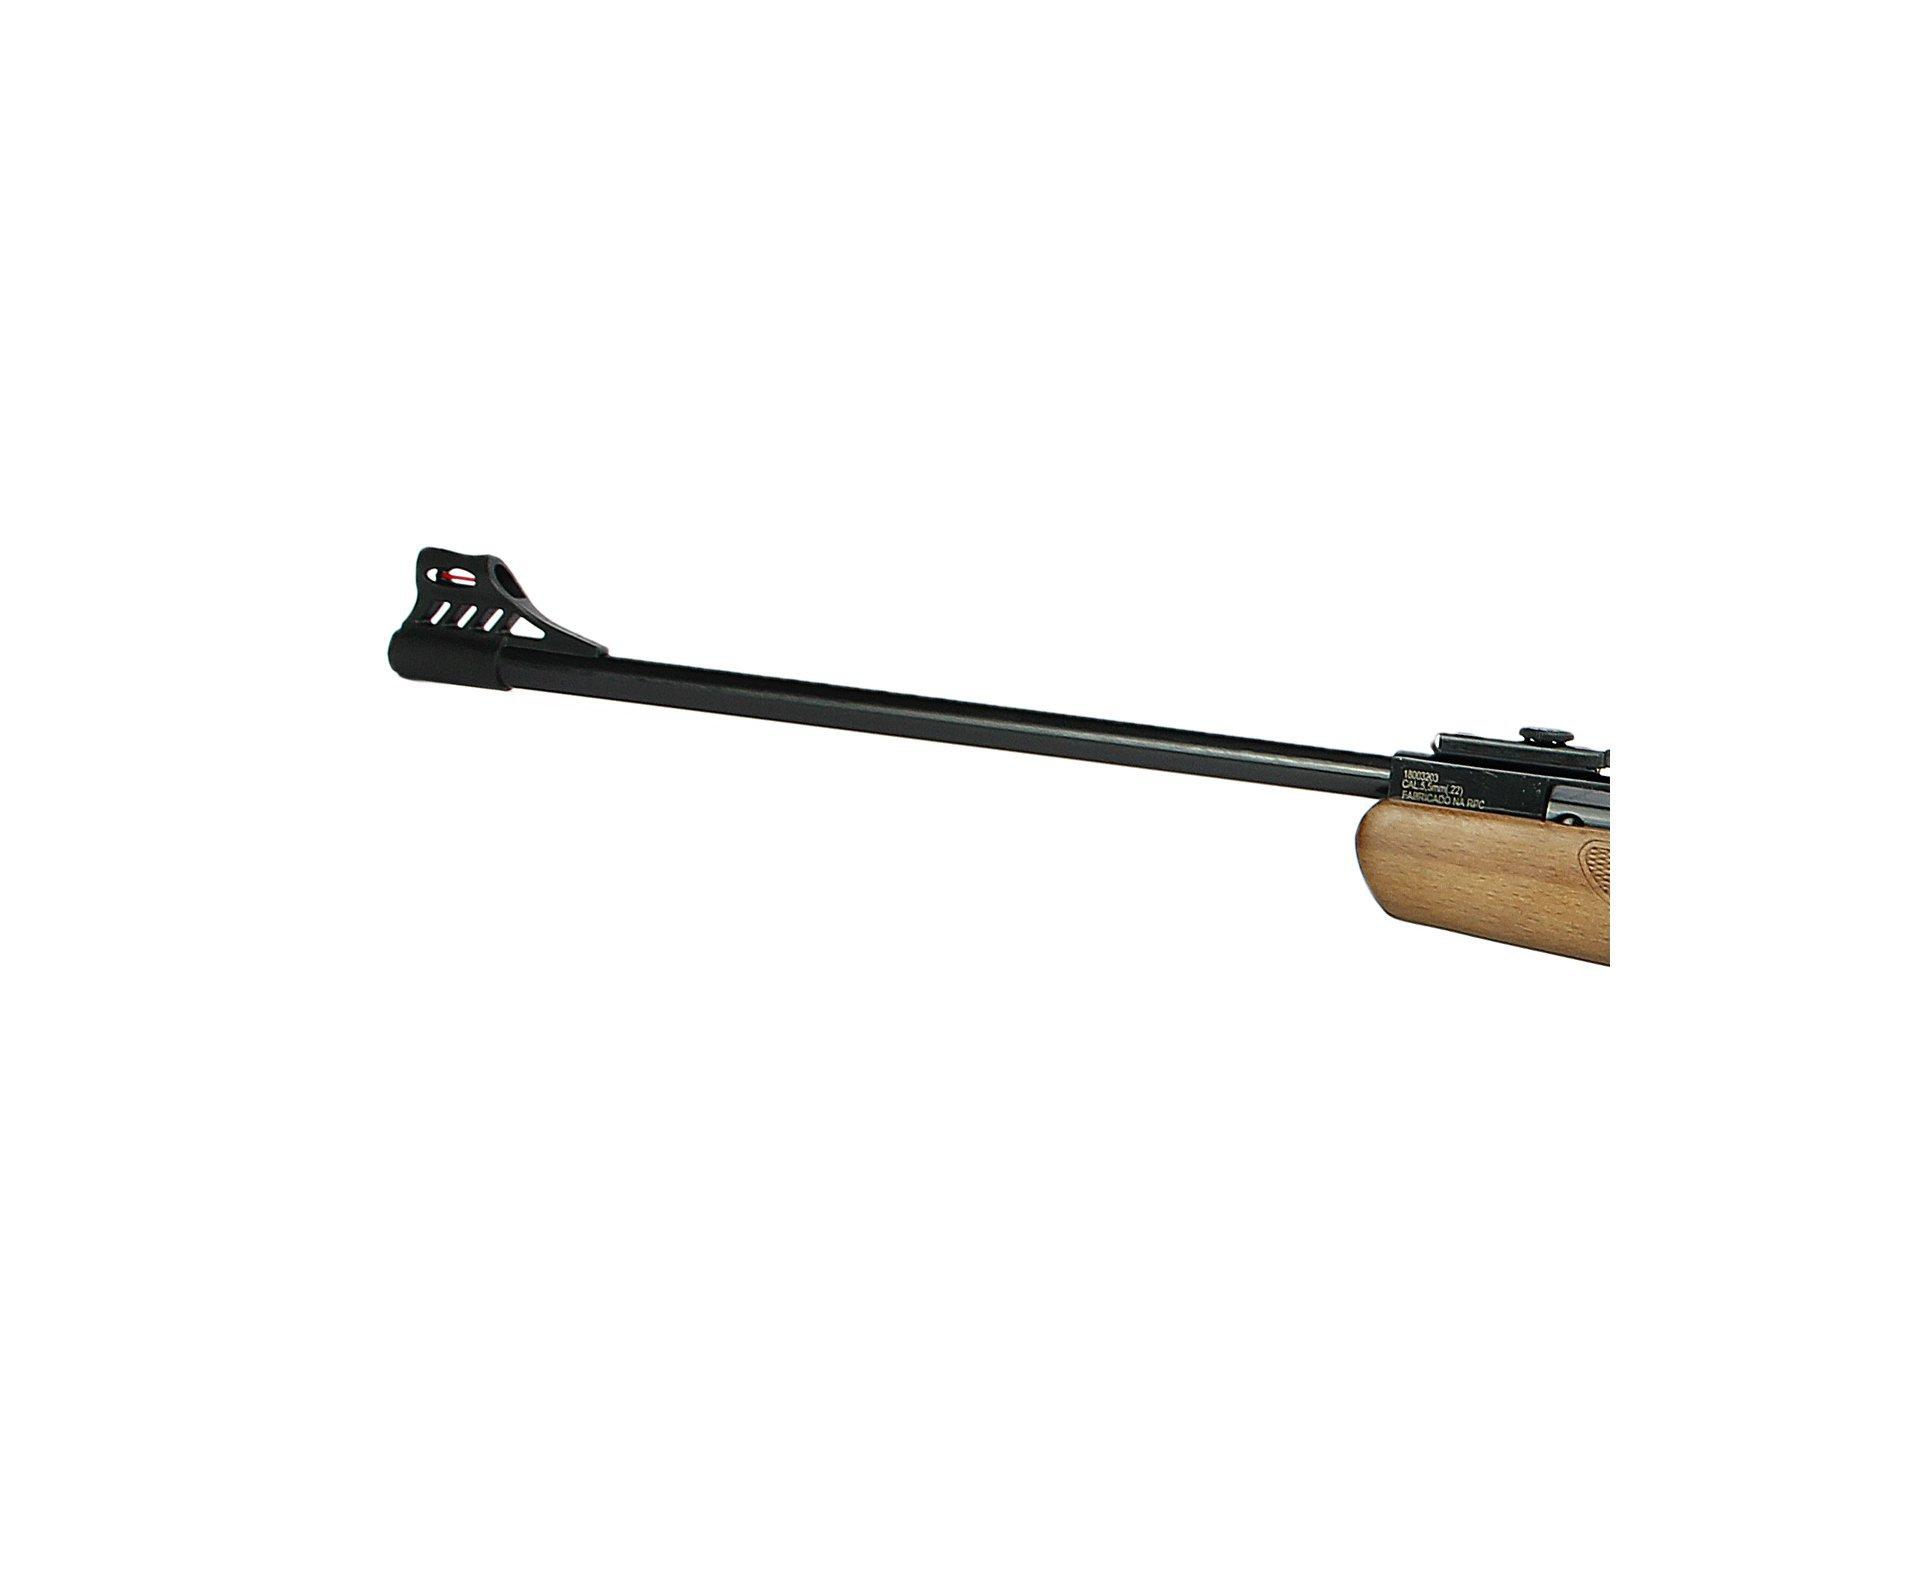 Carabina De Pressão Cbc Classic B19-x Bam- Calibre 5,5 Mm